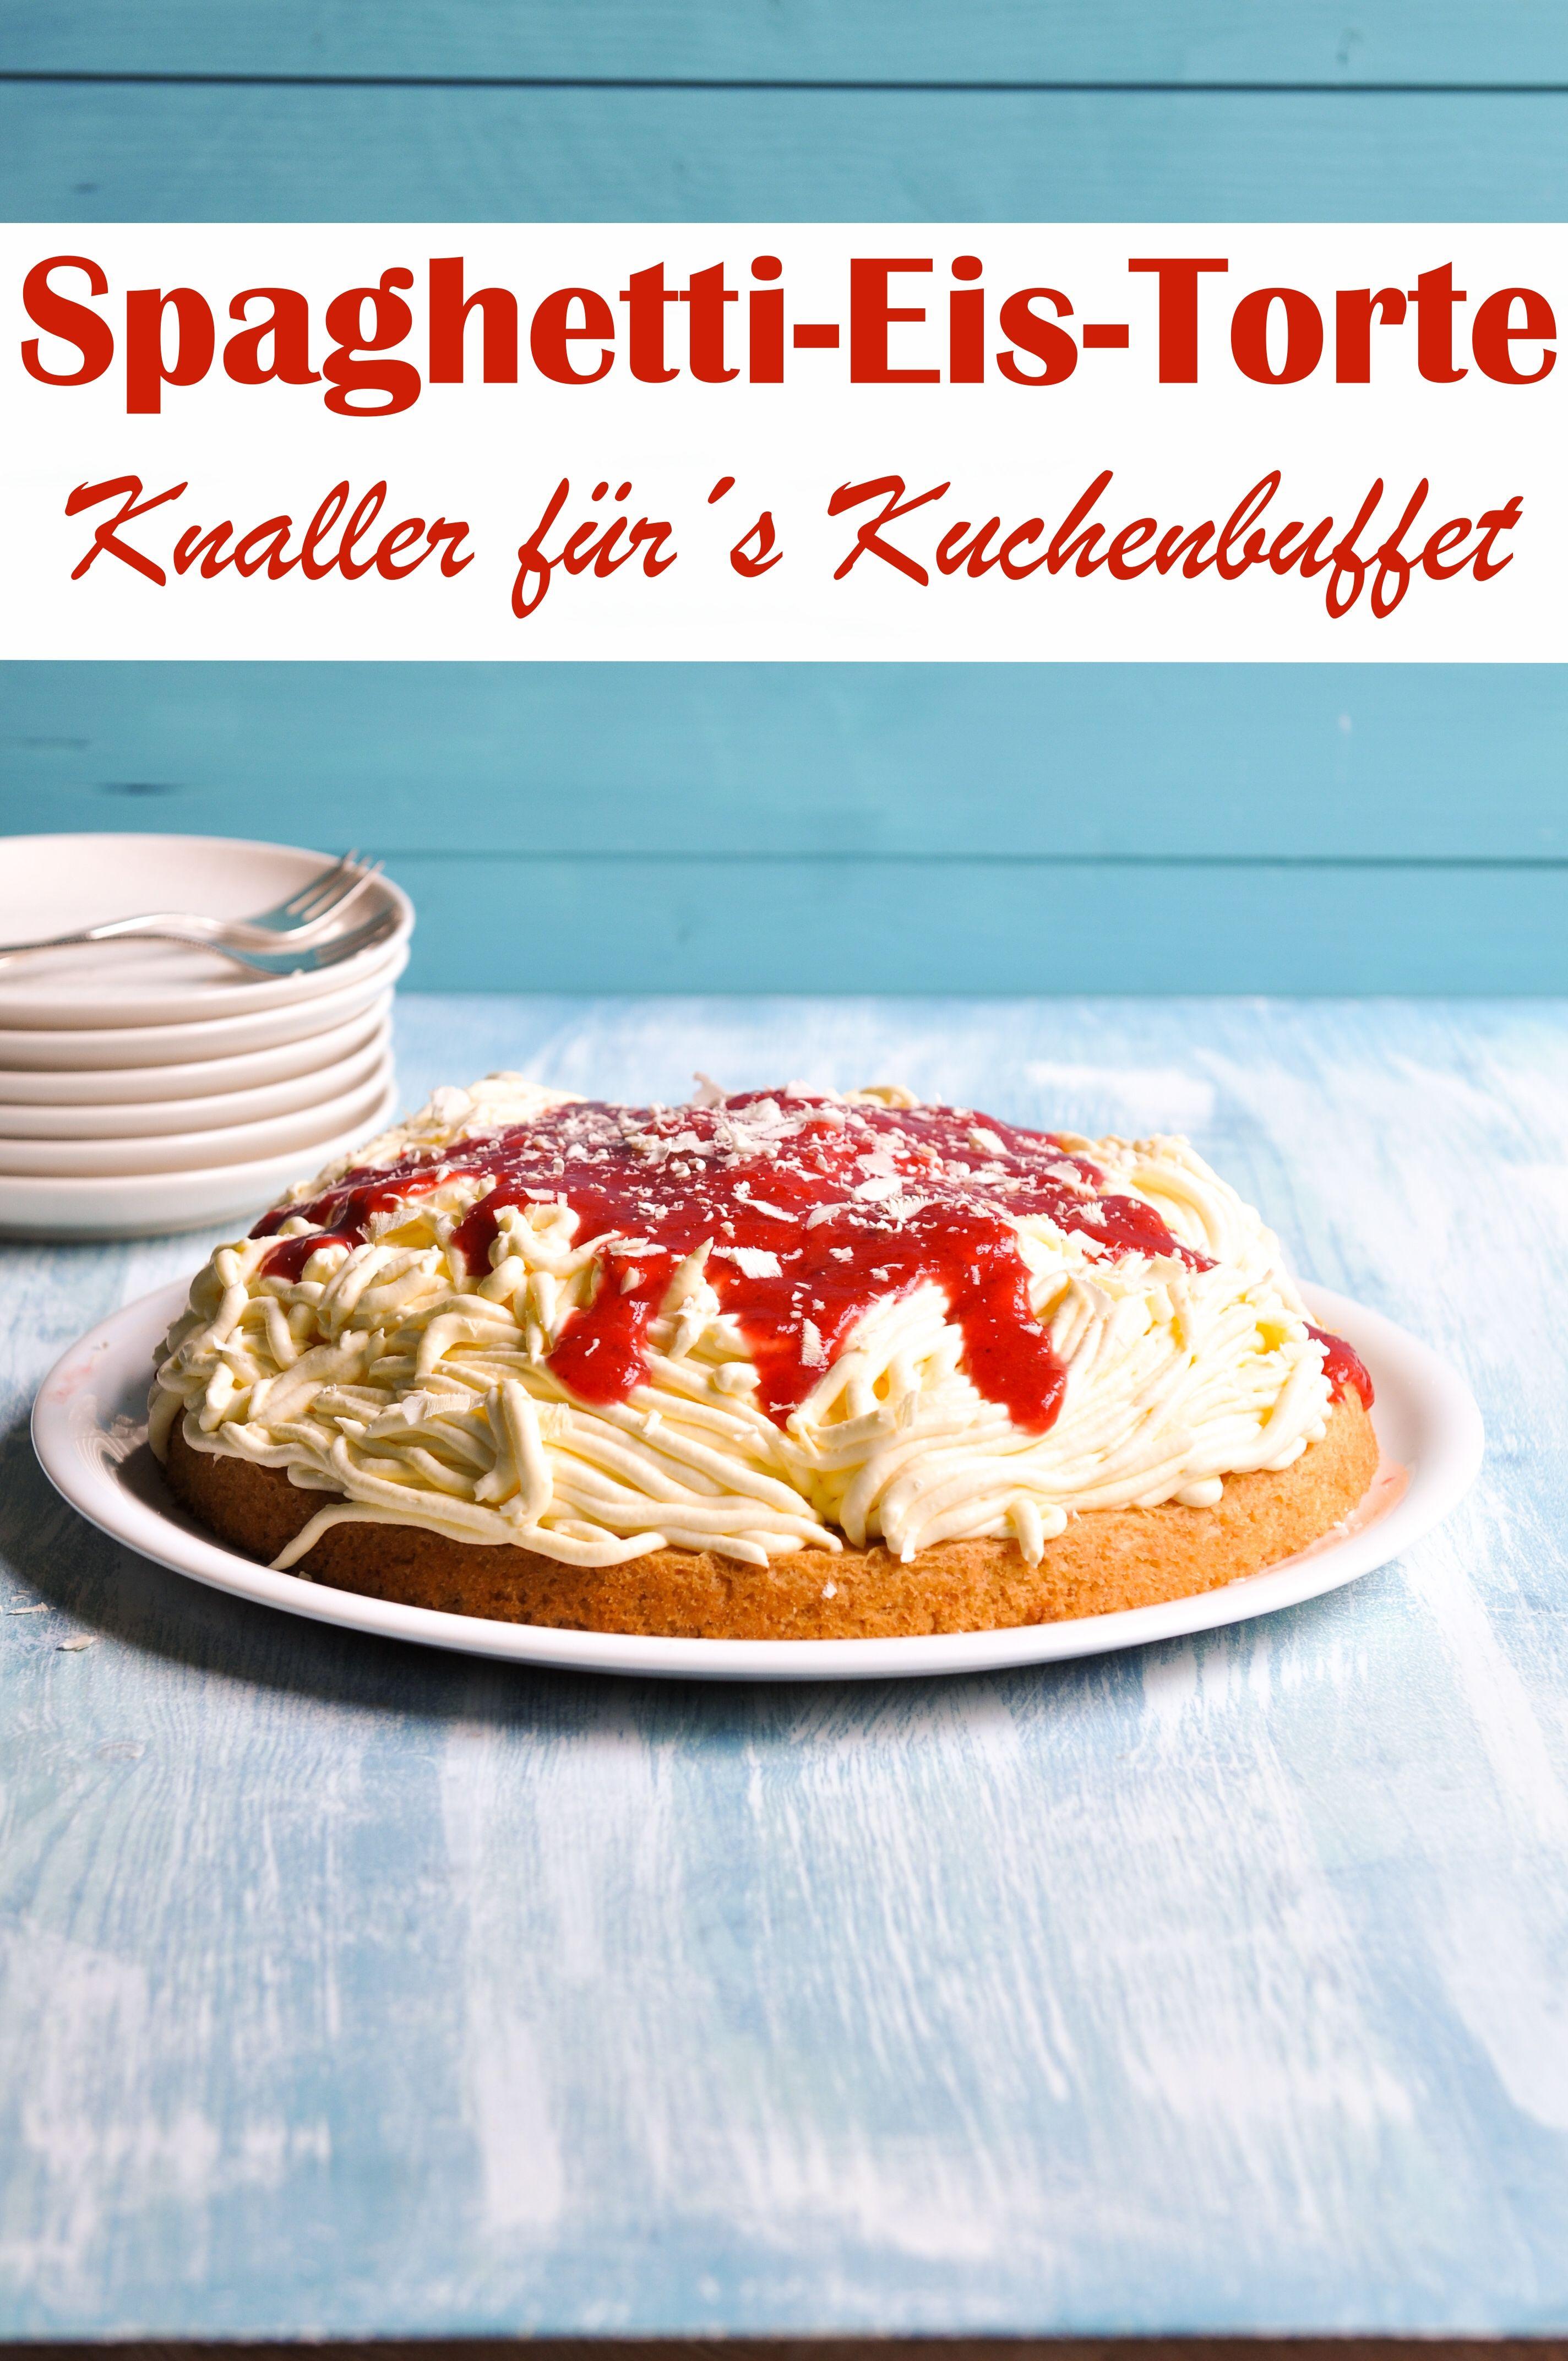 Spaghetti Eis Torte Knaller Spaghetti Eis Rezepte Und Kuchen Und Torten Rezepte